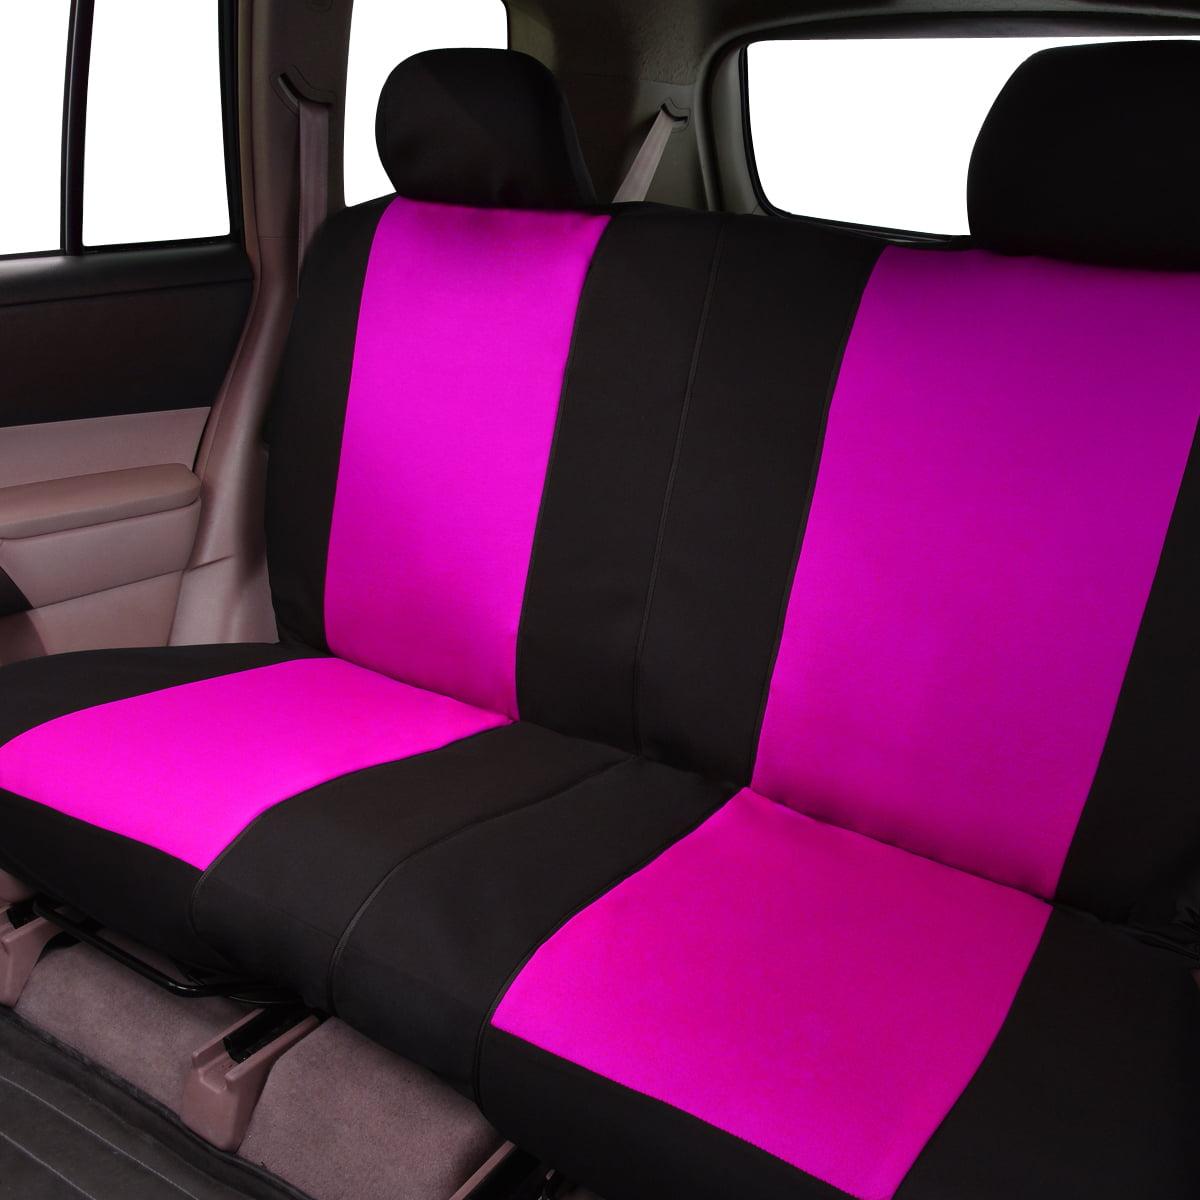 car pass housse de si ge auto universelle noir et rose. Black Bedroom Furniture Sets. Home Design Ideas